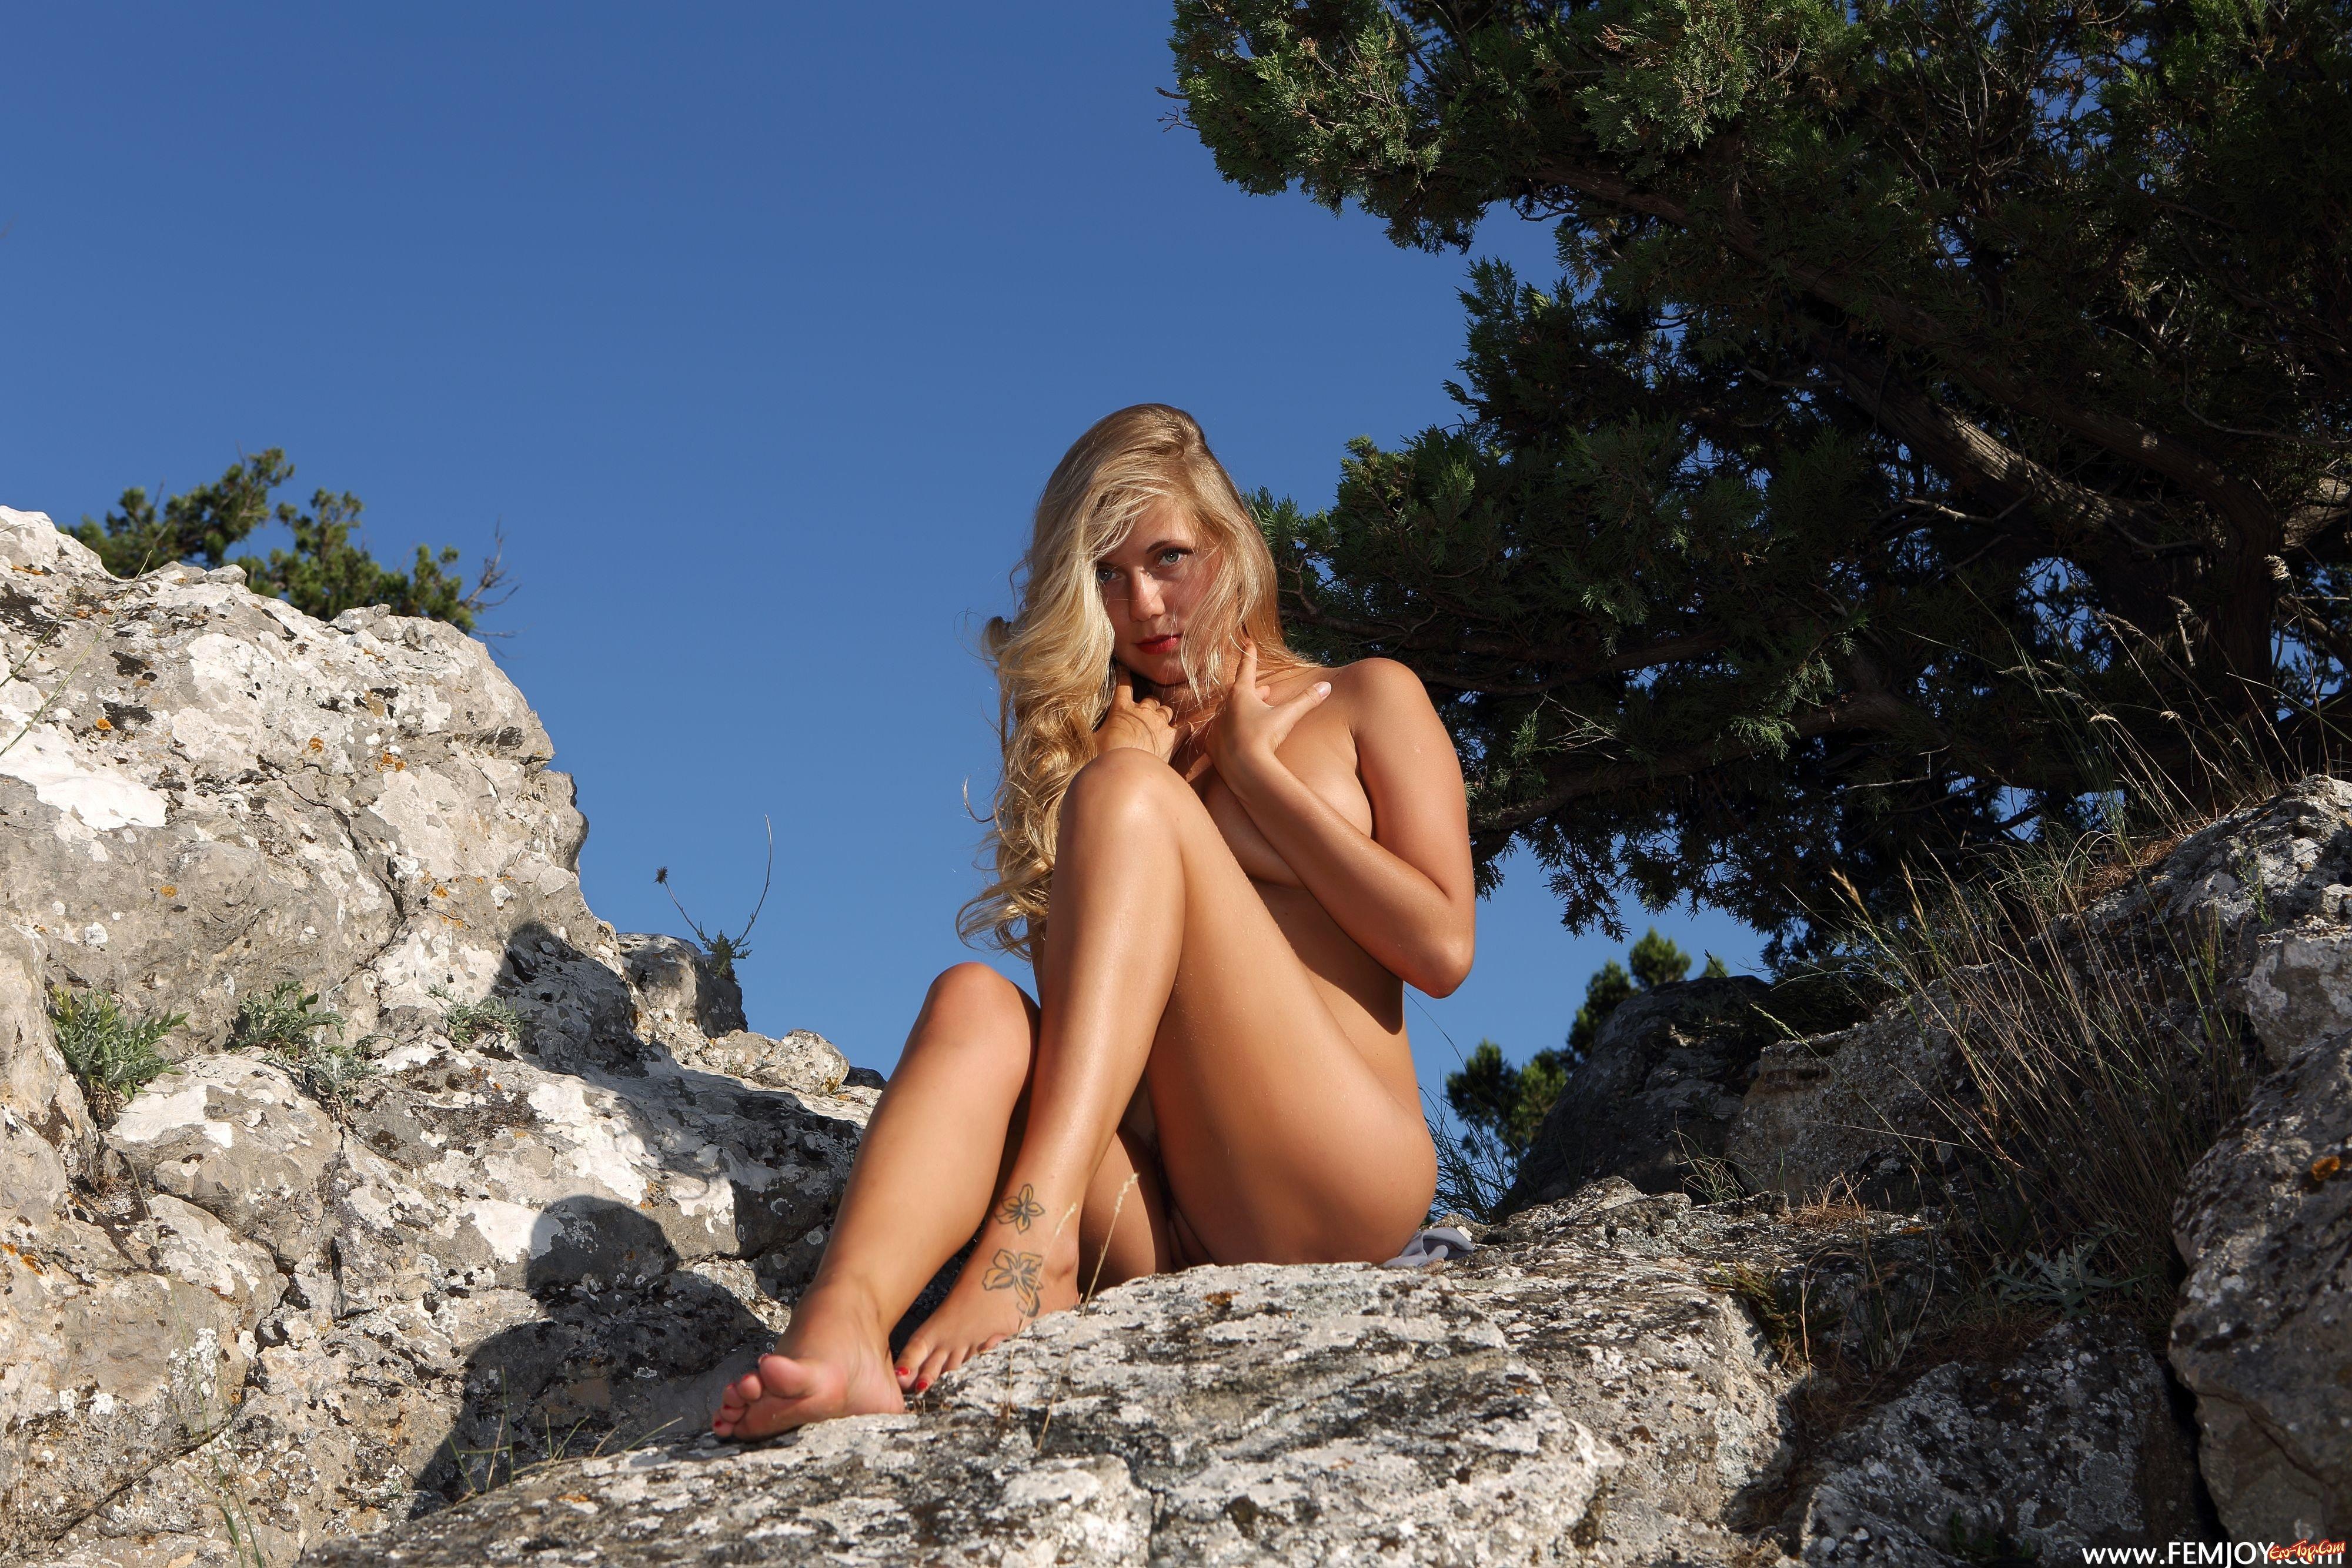 Красотка с натуральной грудью